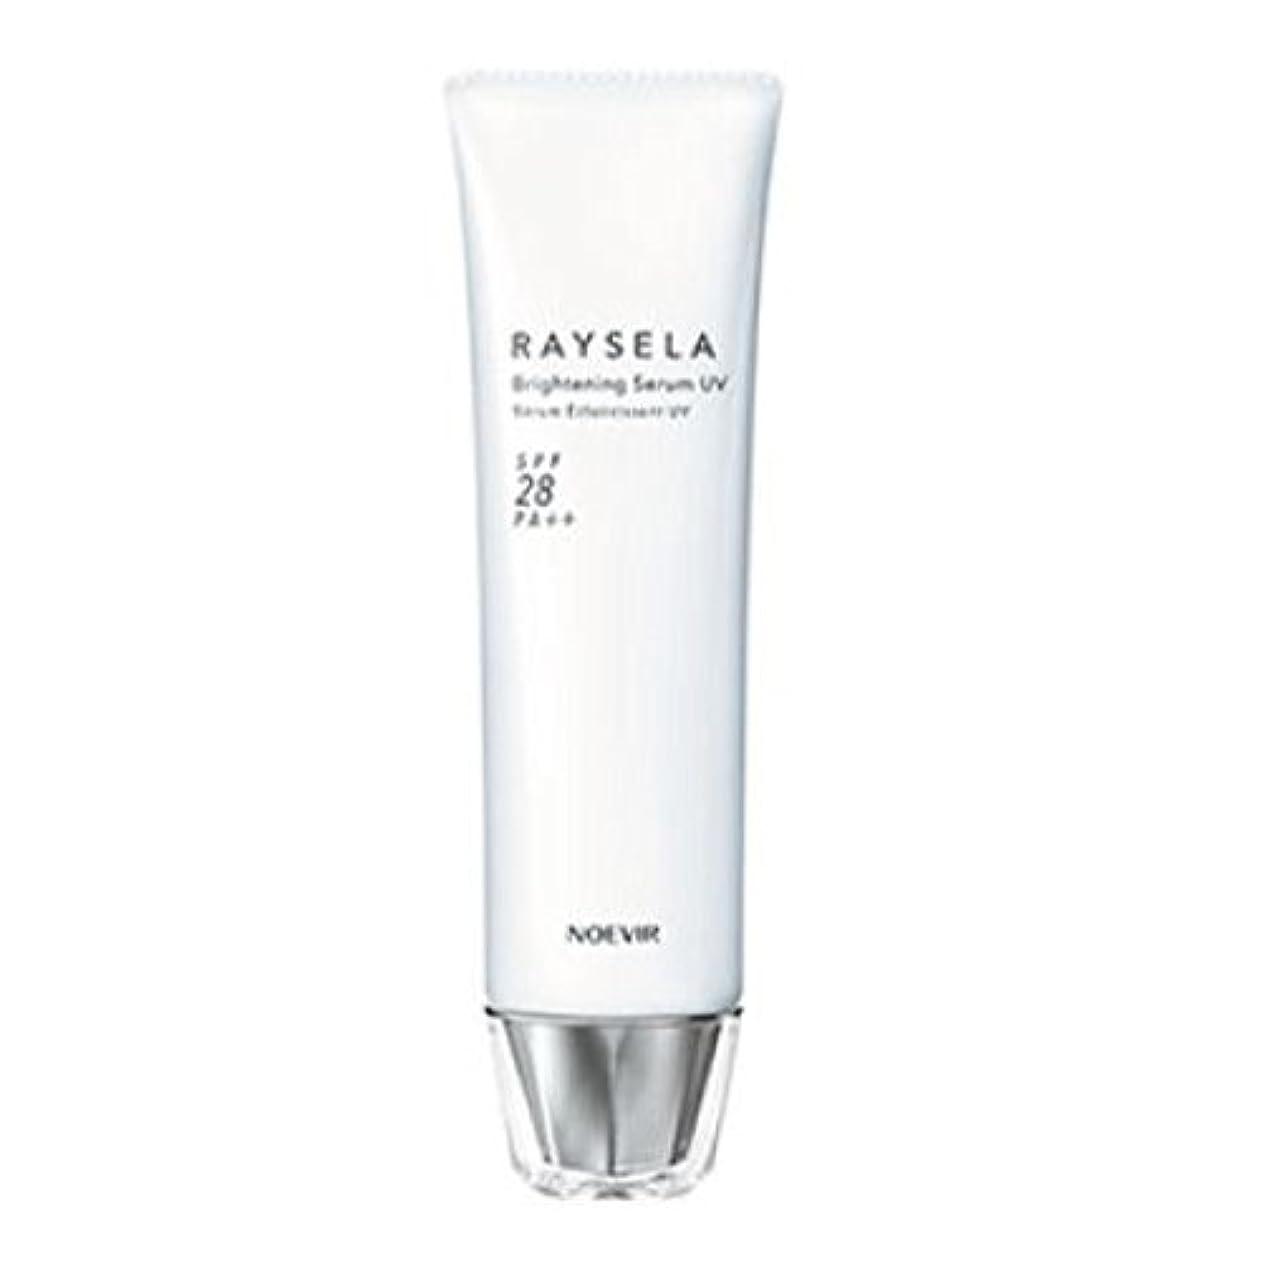 安らぎ許容できる競争力のあるノエビア レイセラア 薬用ブライトニングセラム UV (お顔用) 50g